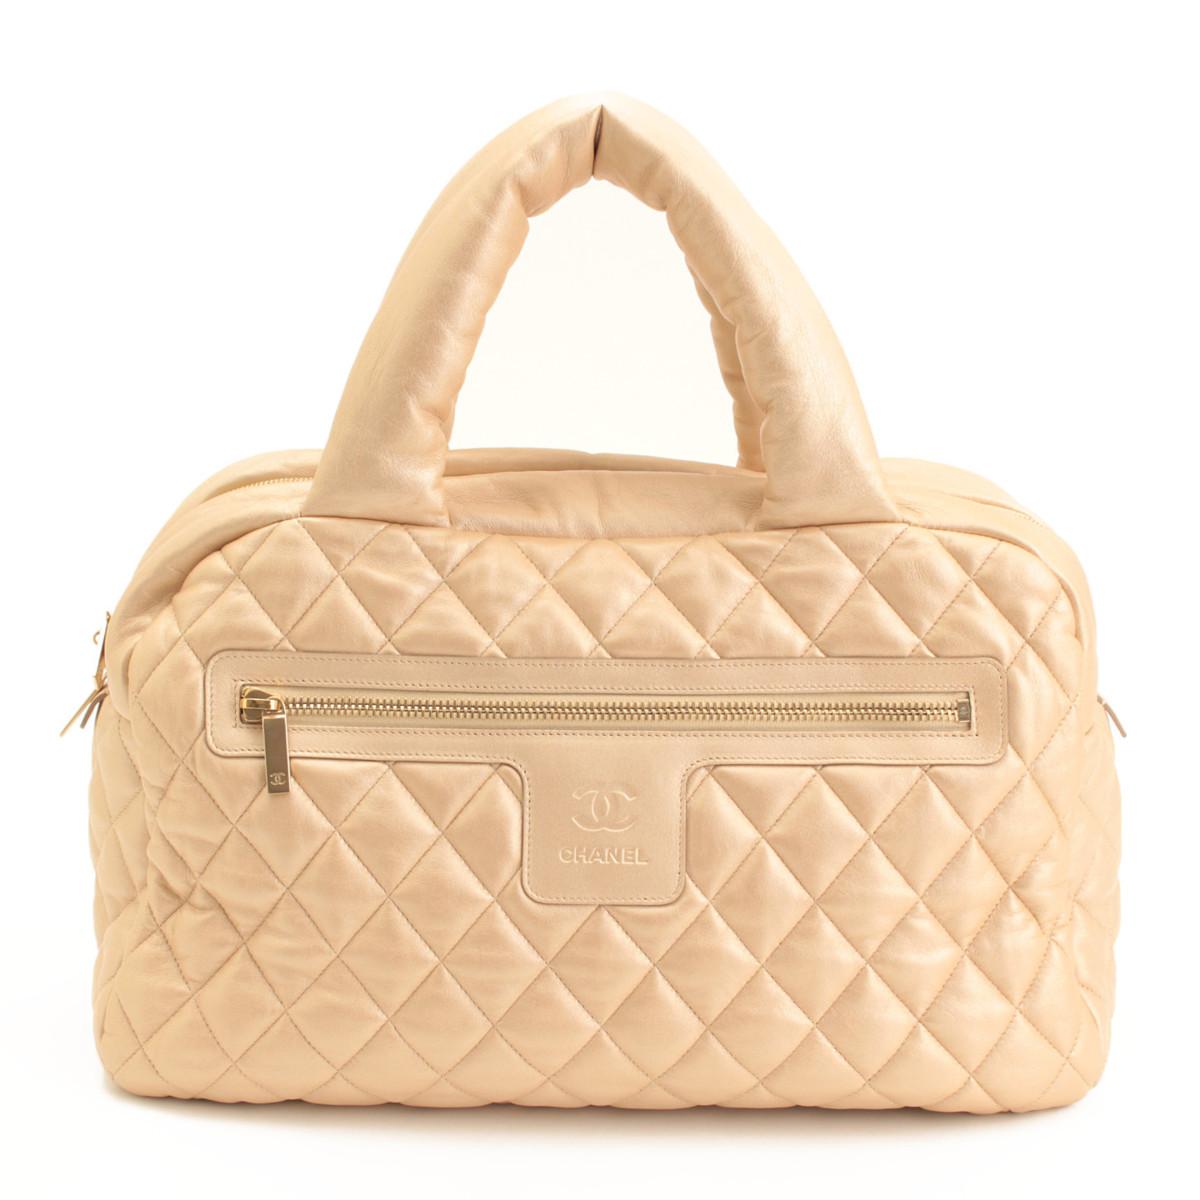 【シャネル】Chanel コココクーン ラムスキン ボストンバッグ A47937 13番台 ゴールド 【中古】【鑑定済・正規品保証】【送料無料】37100